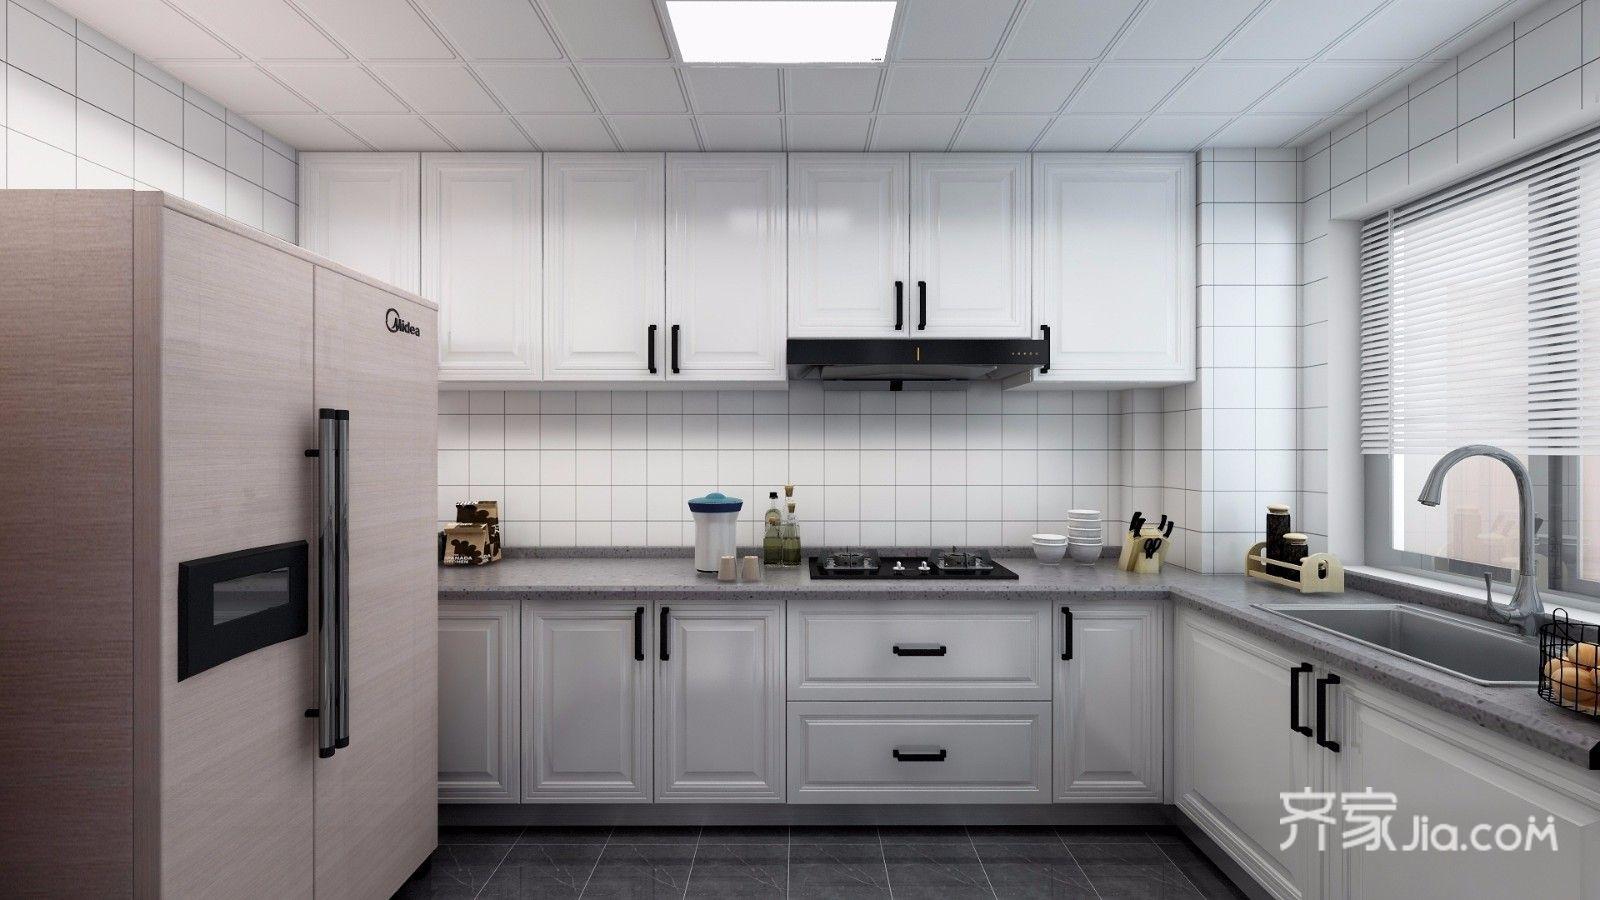 90平简约装修厨房装潢图